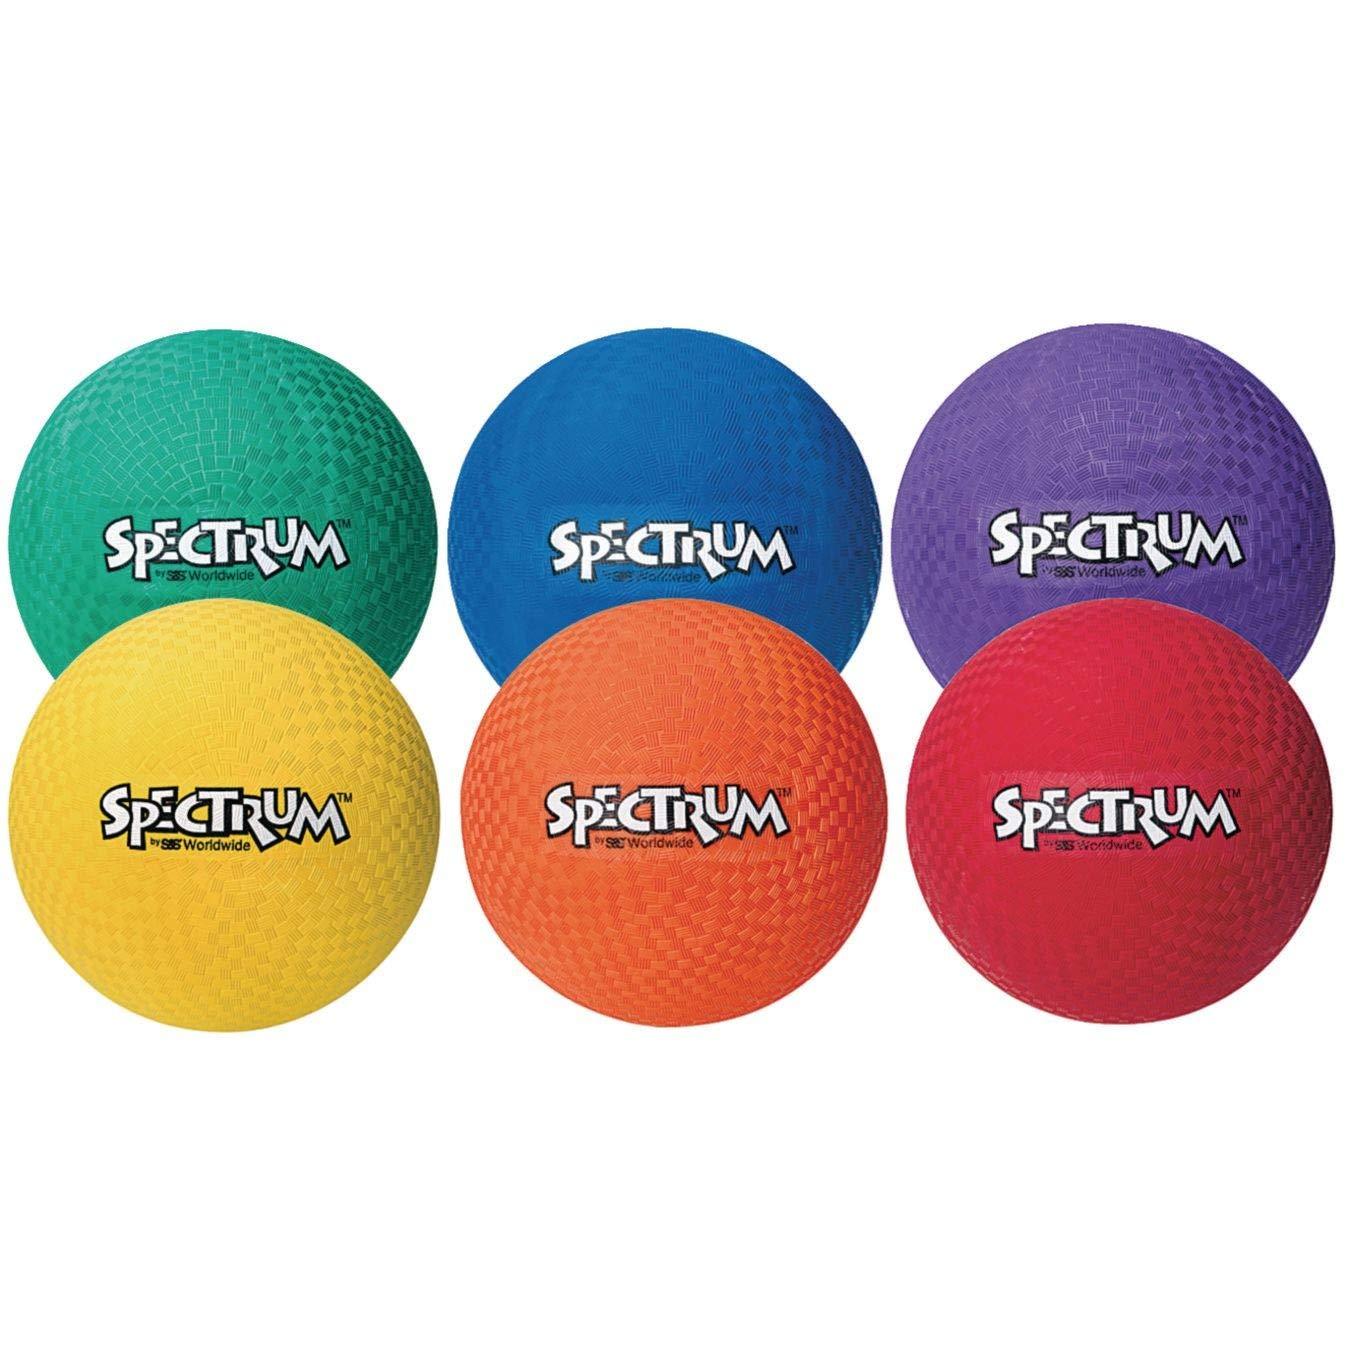 Spectrum 8-1/2'' Playground Balls (Set of 6) by Spectrum